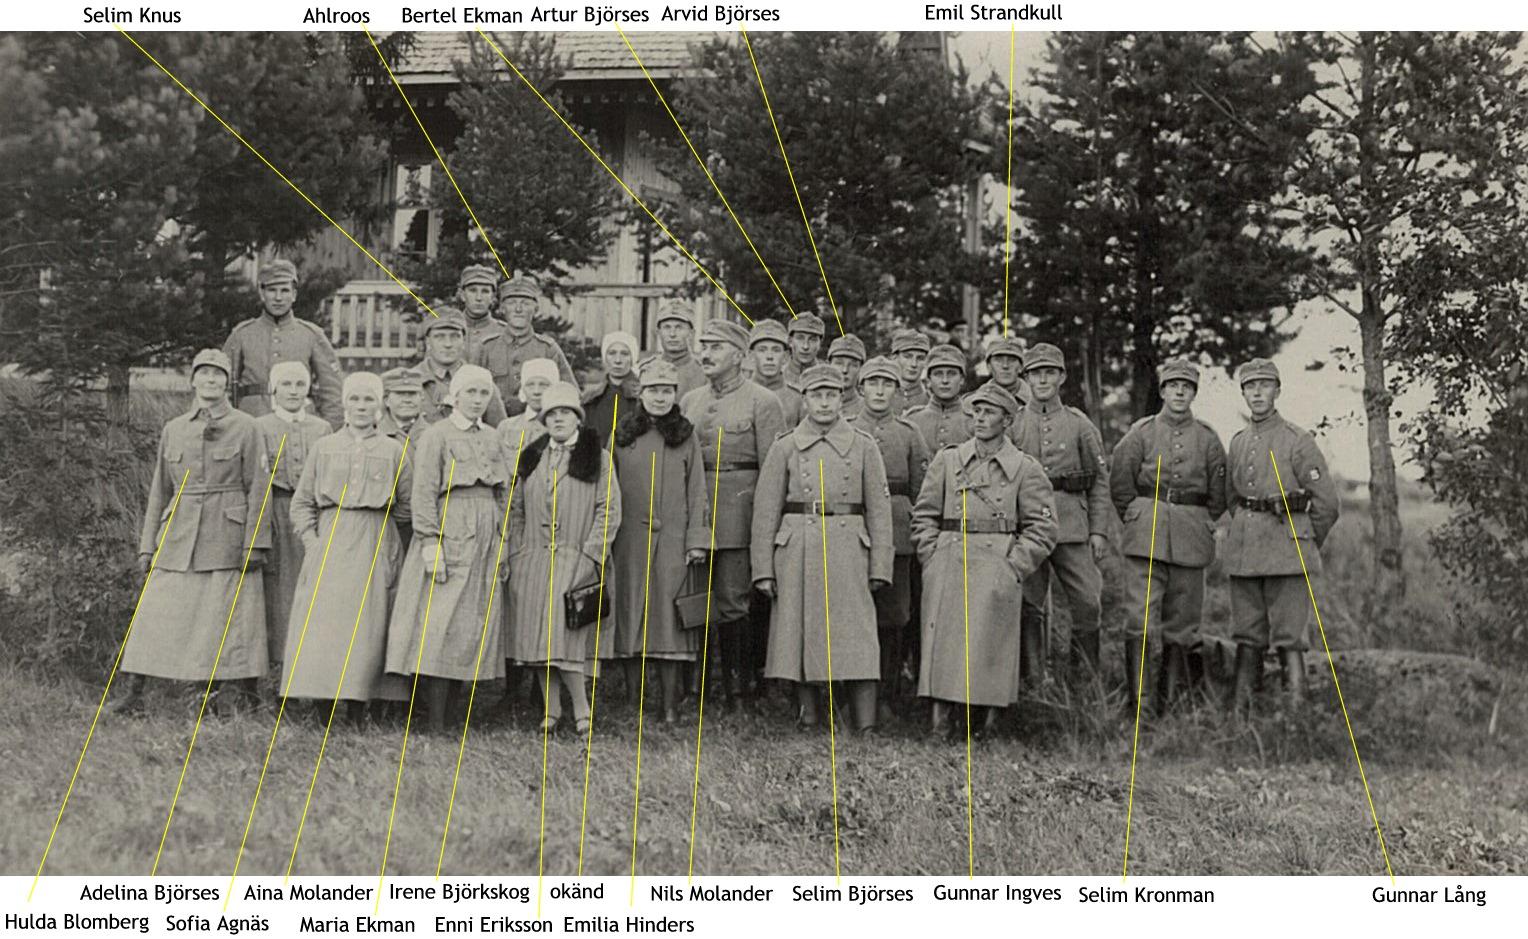 Lottor och skyddskårister uppställda framför skjutpaviljongen den 25 september 1927 vid skjuttävling om Löfvenmarks pokal.